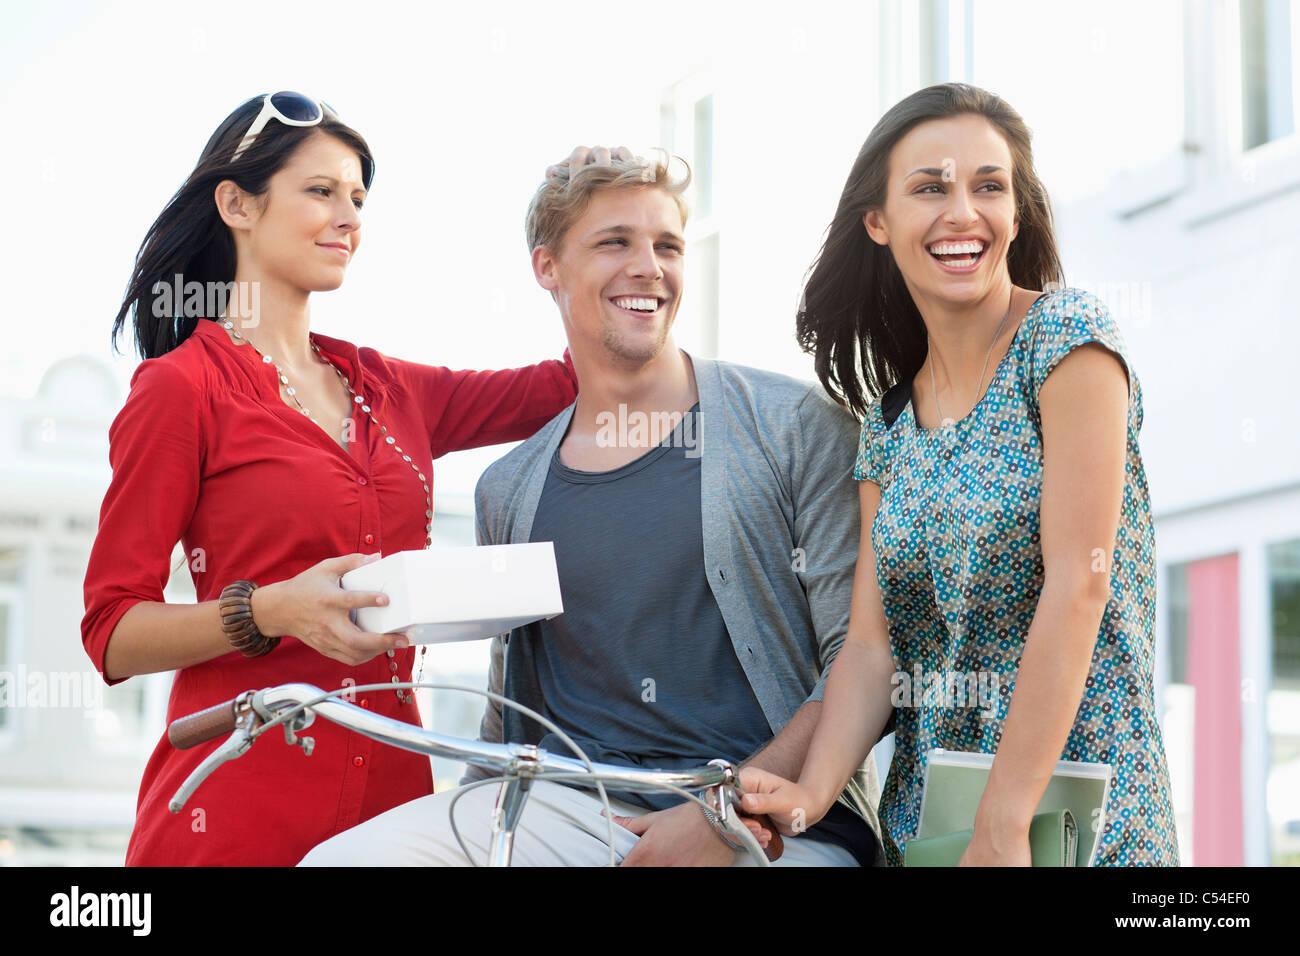 Sonriente joven con dos mujeres ciclismo Imagen De Stock